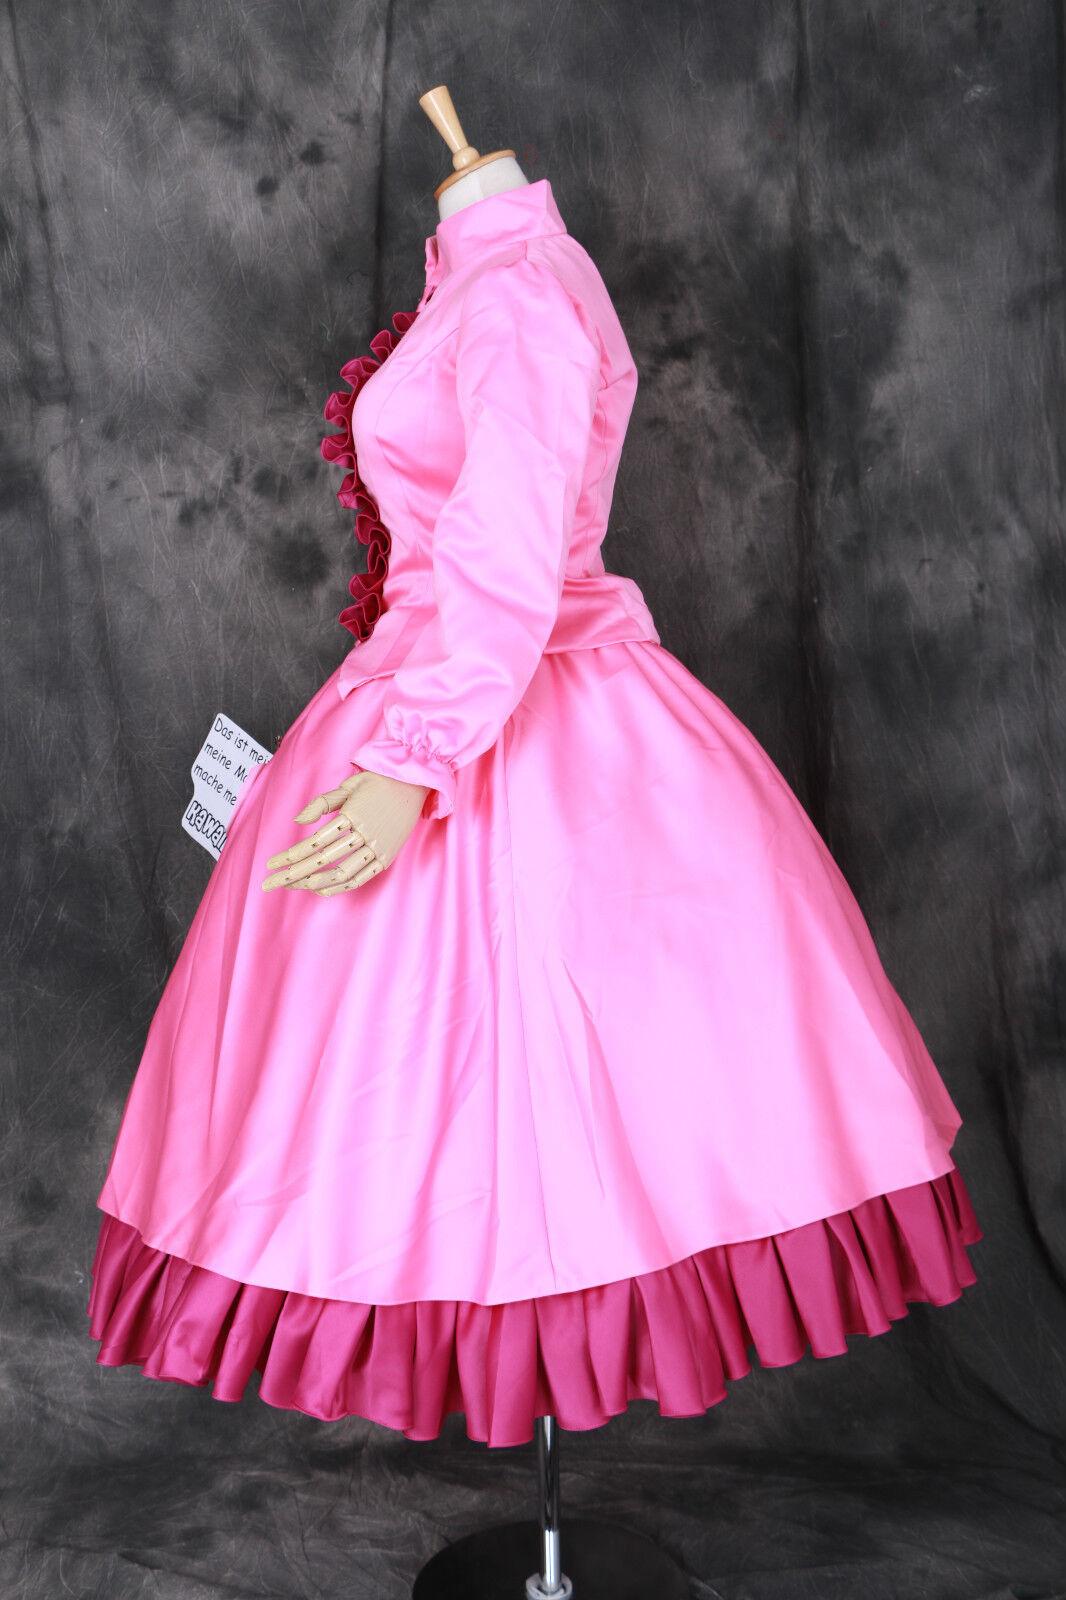 Noël Nouvel An, sortez sortez sortez vous-même h-3356 Akame Ga Kill Mine rose robe lolita cosplay N.mesure a1b3a6